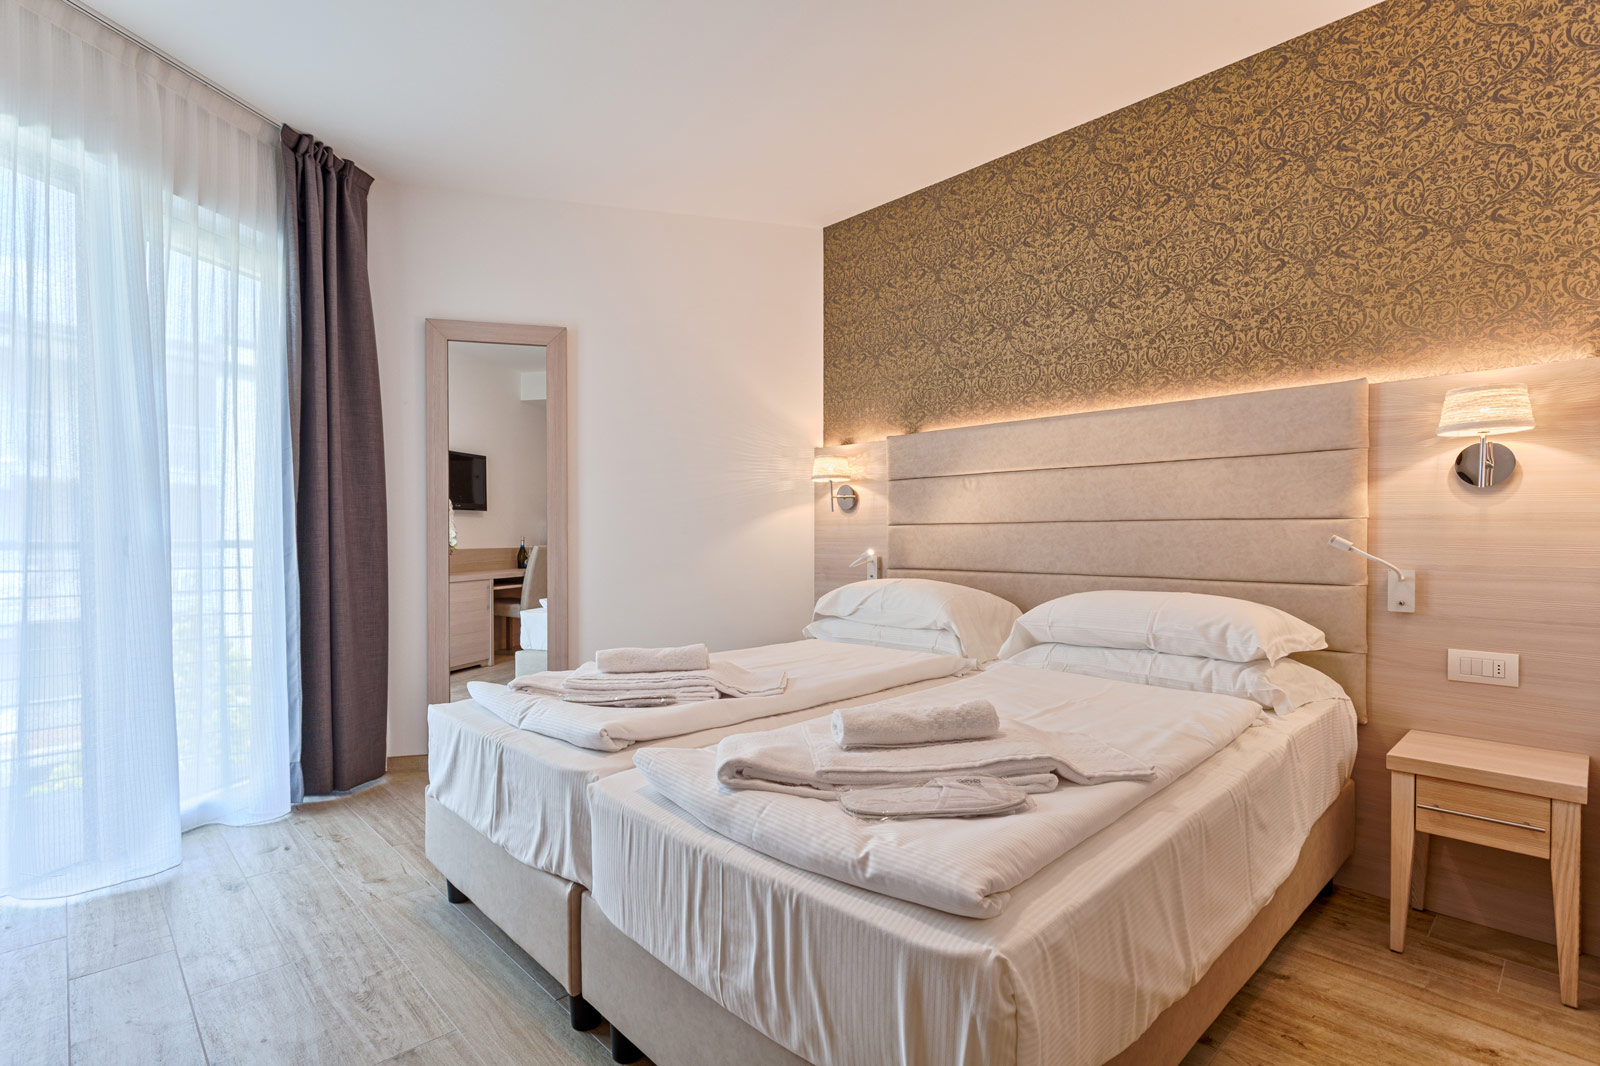 Hotel Bellariva - Riva del Garda - Gardasee